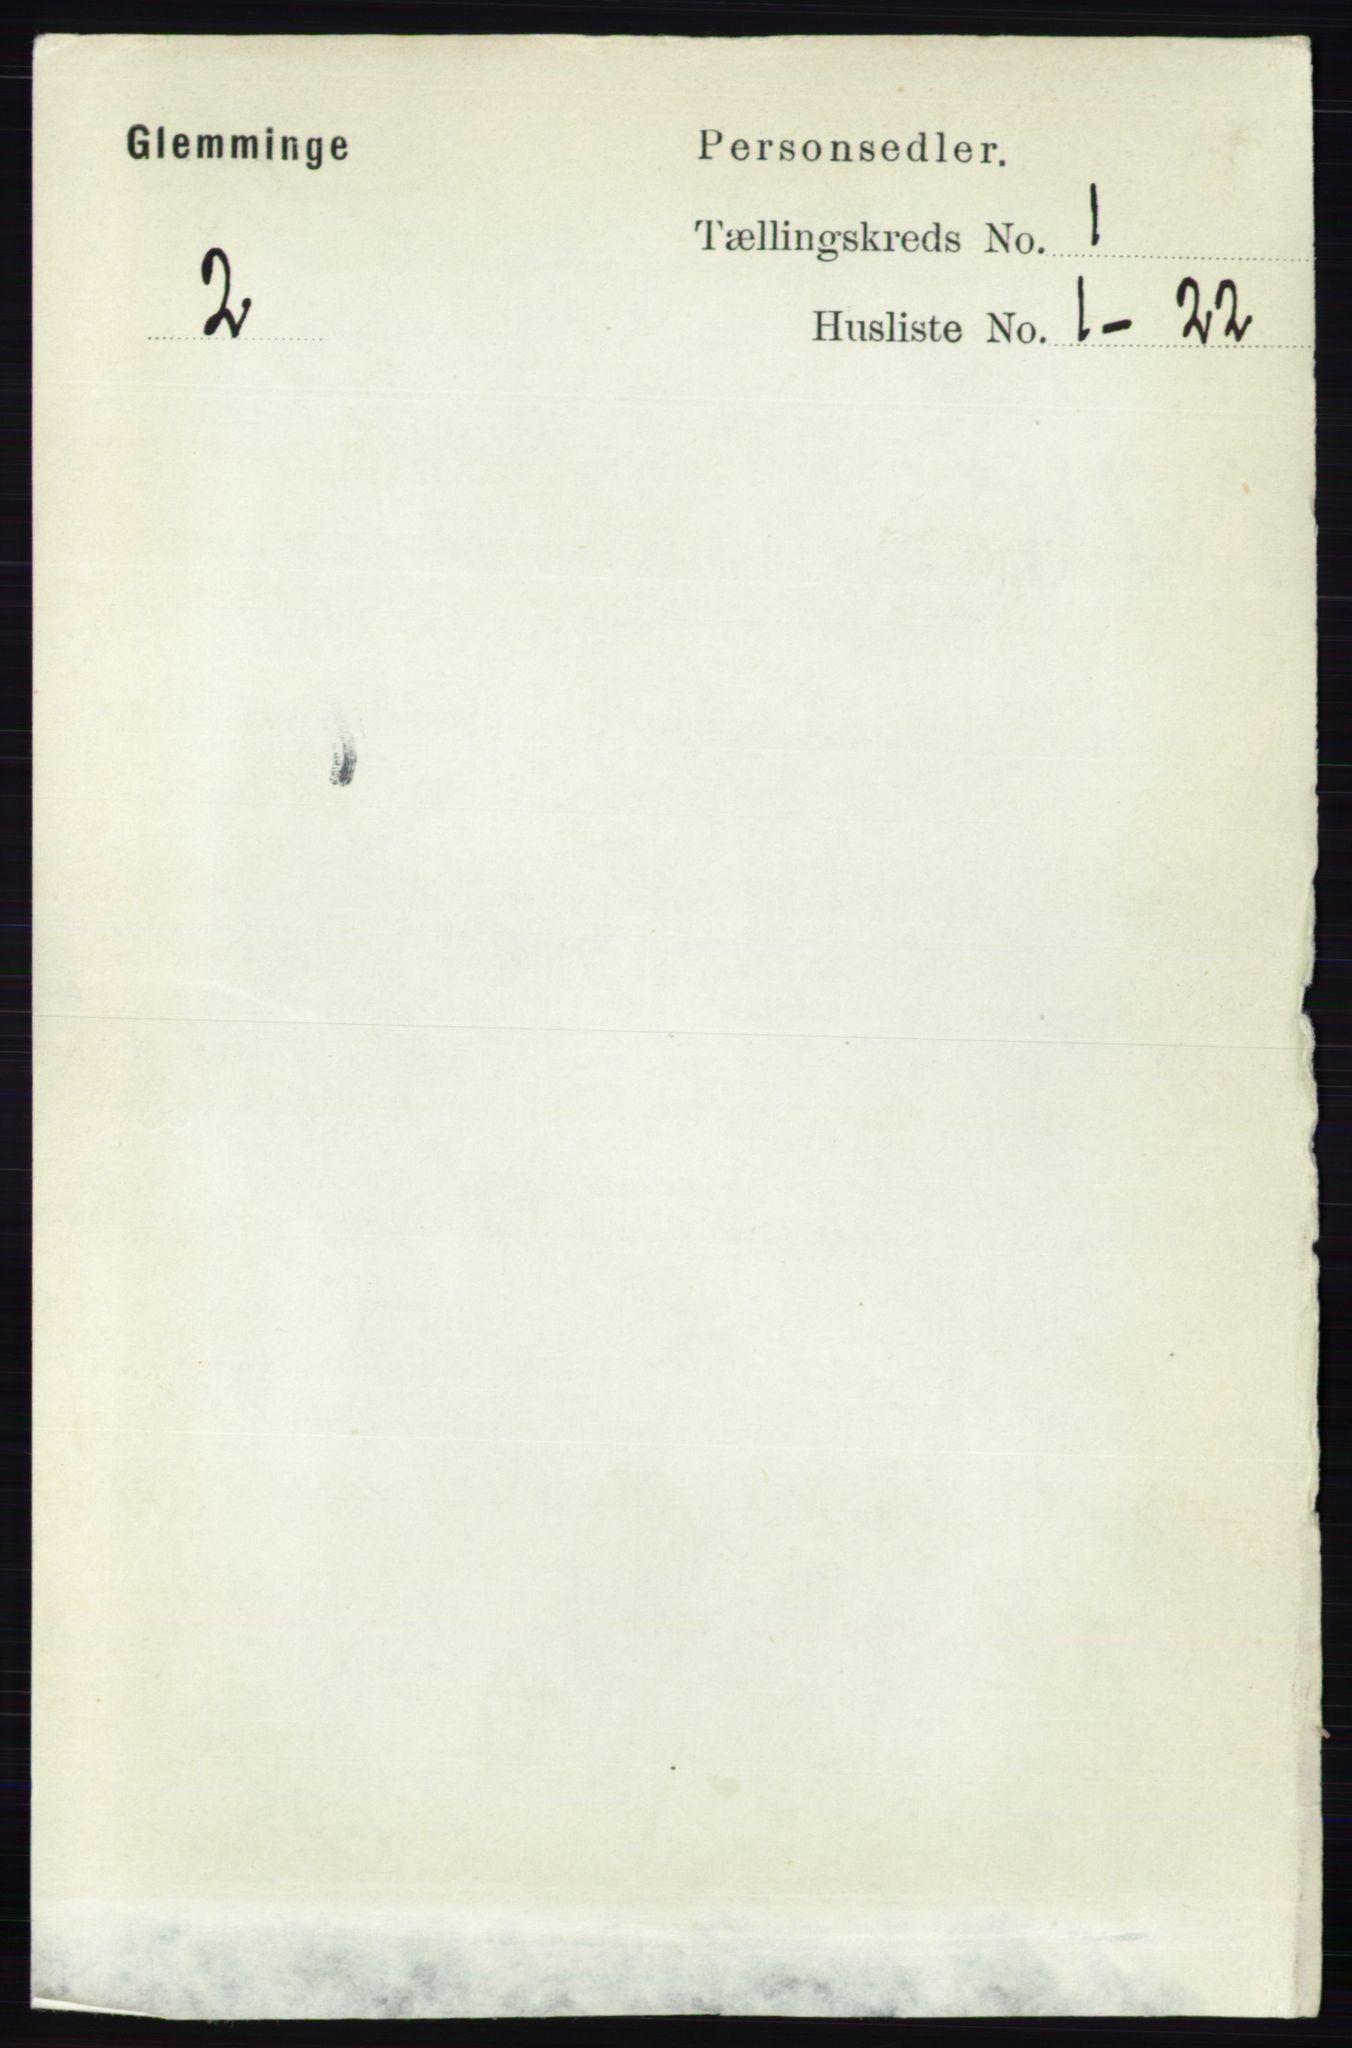 RA, Folketelling 1891 for 0132 Glemmen herred, 1891, s. 91